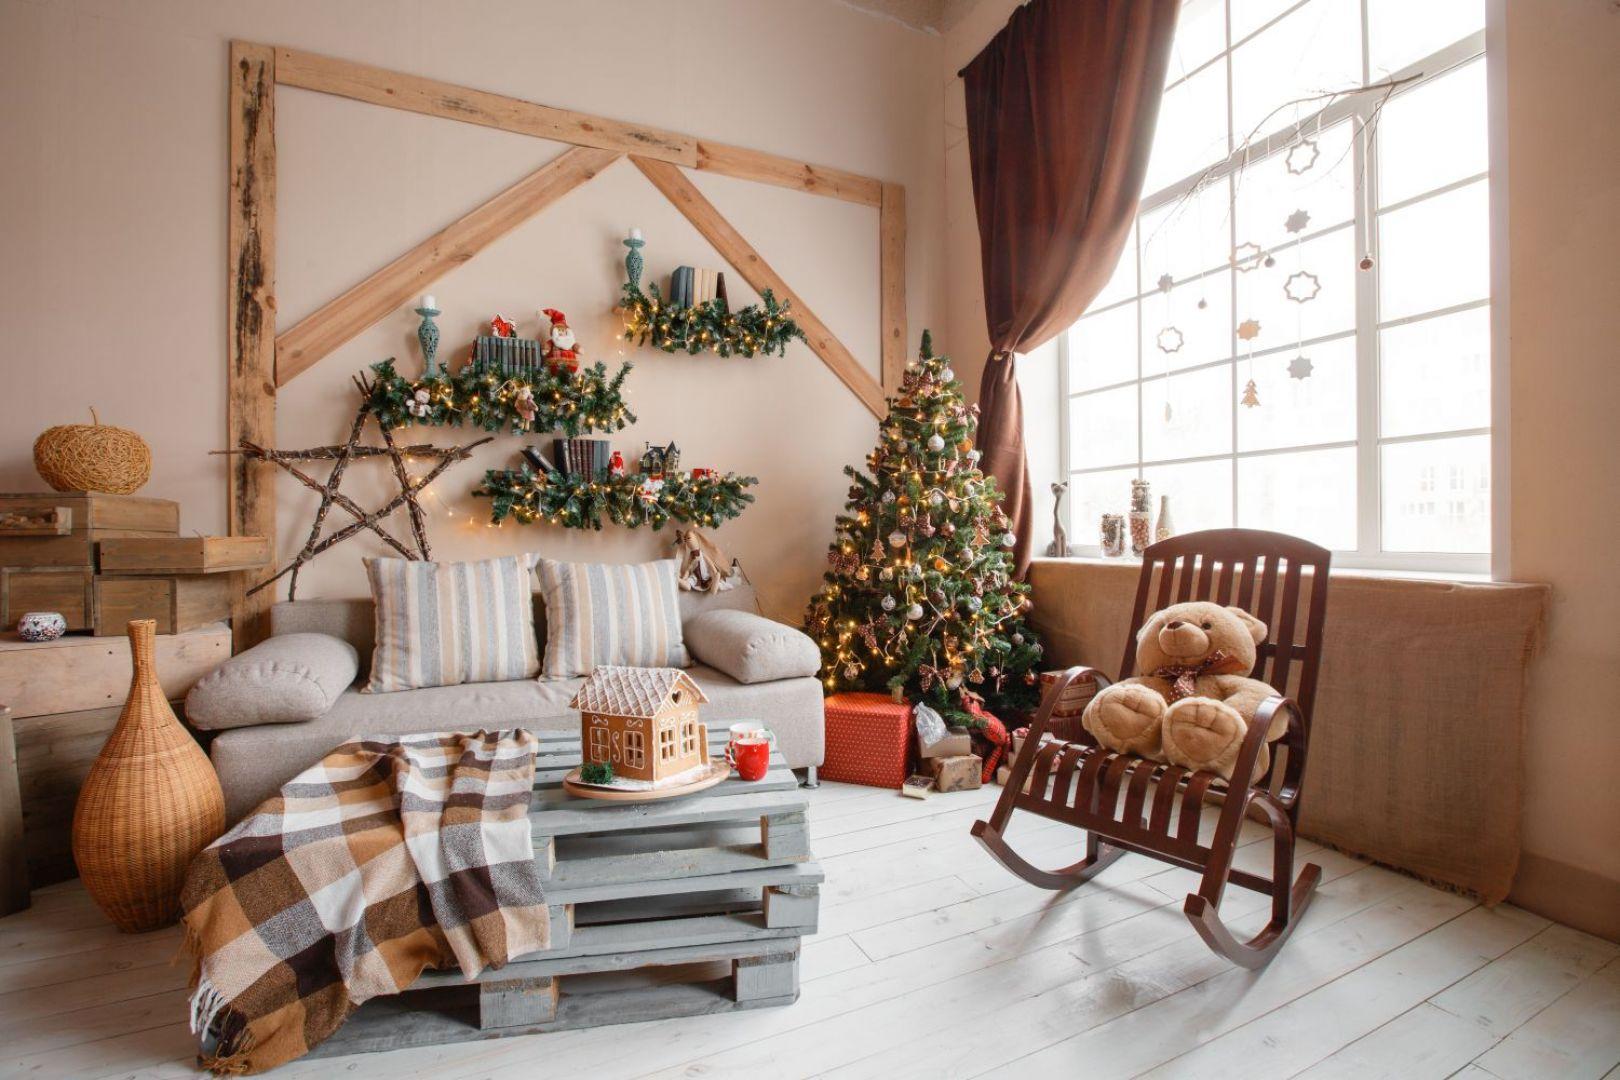 Świąteczna oprawa okien. Fot. OknoPlus